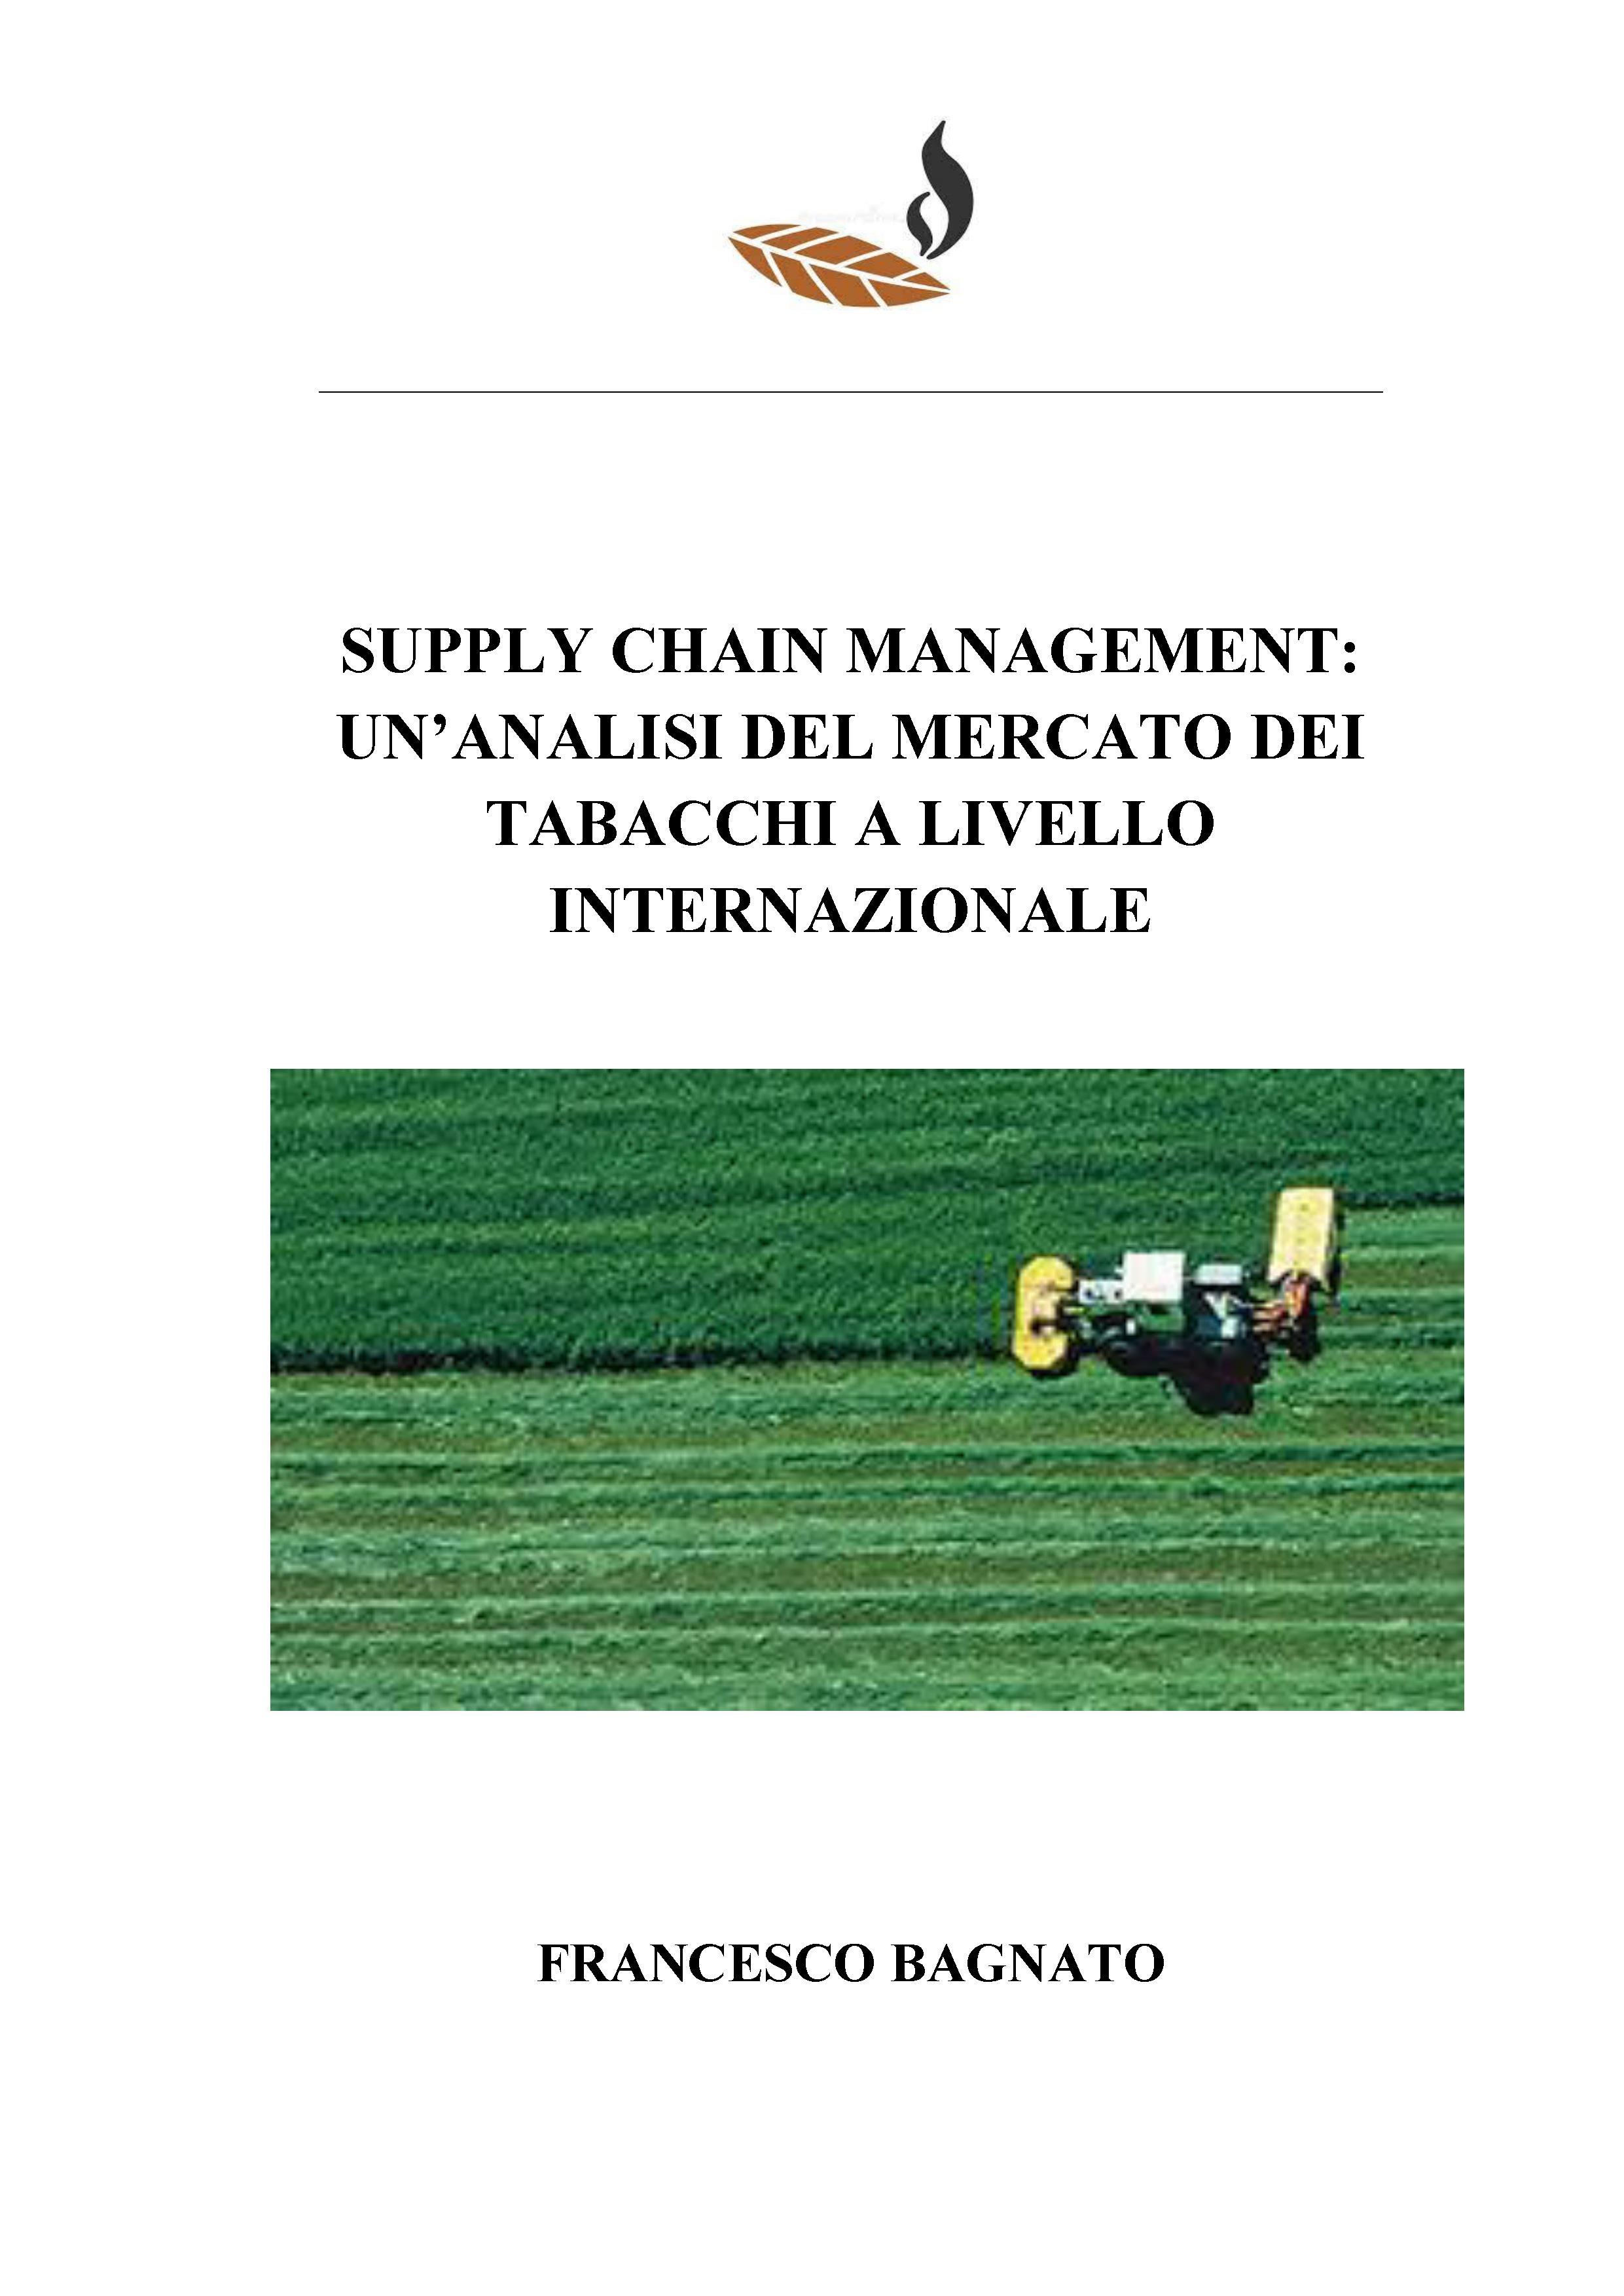 Supply chain management: un'analisi del mercato dei tabacchi a livello internazionale